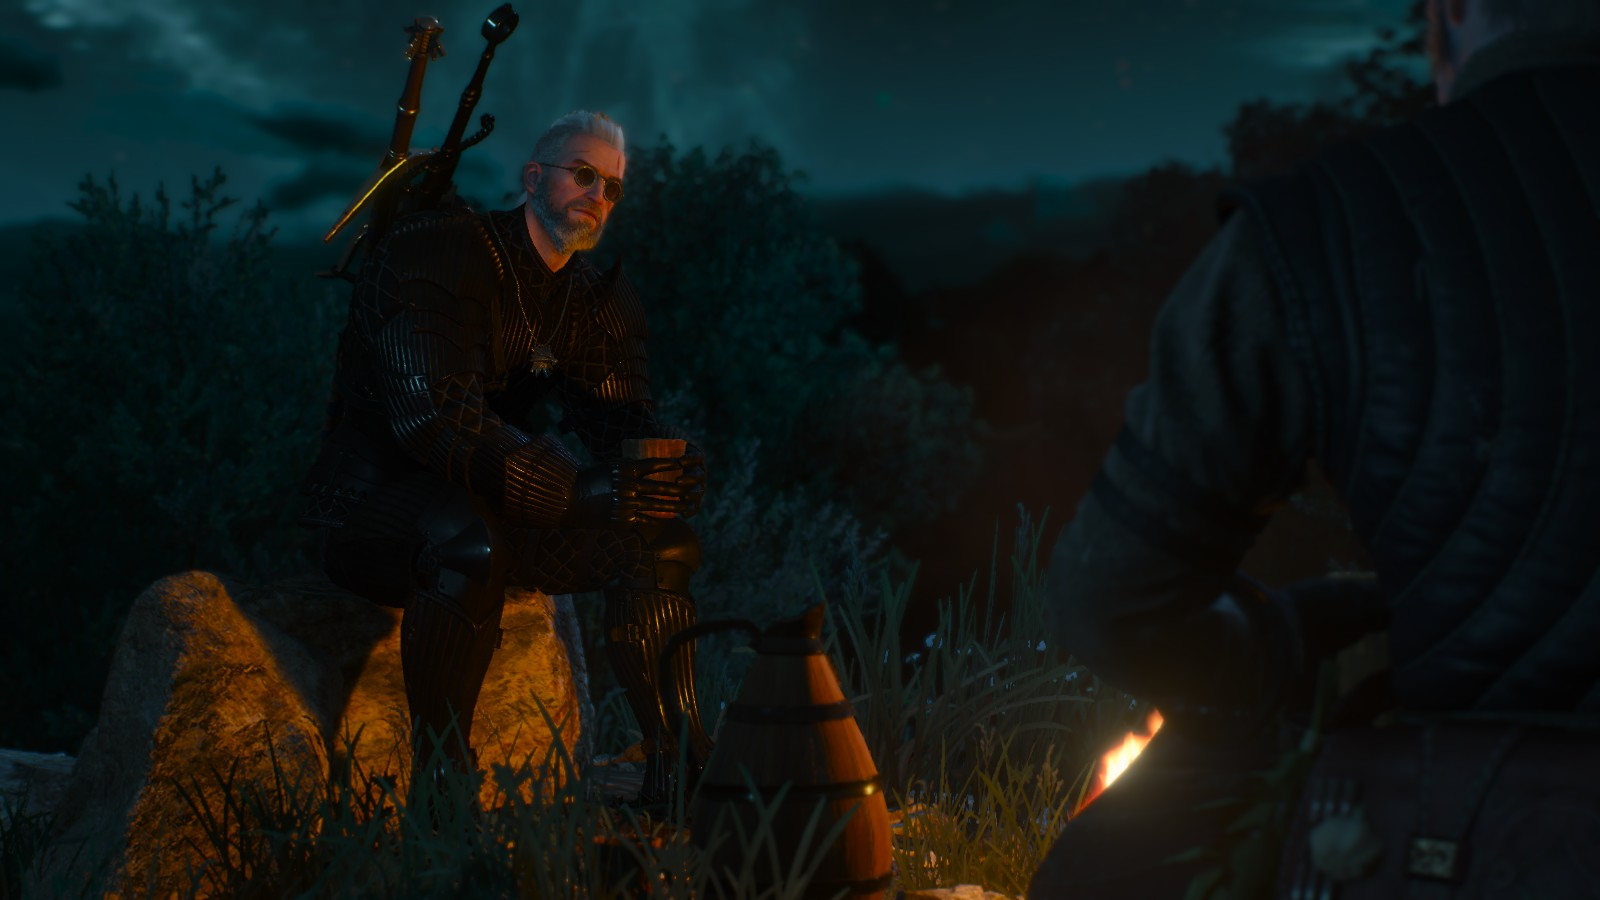 20180627223105_1.jpg - Witcher 3: Wild Hunt, the